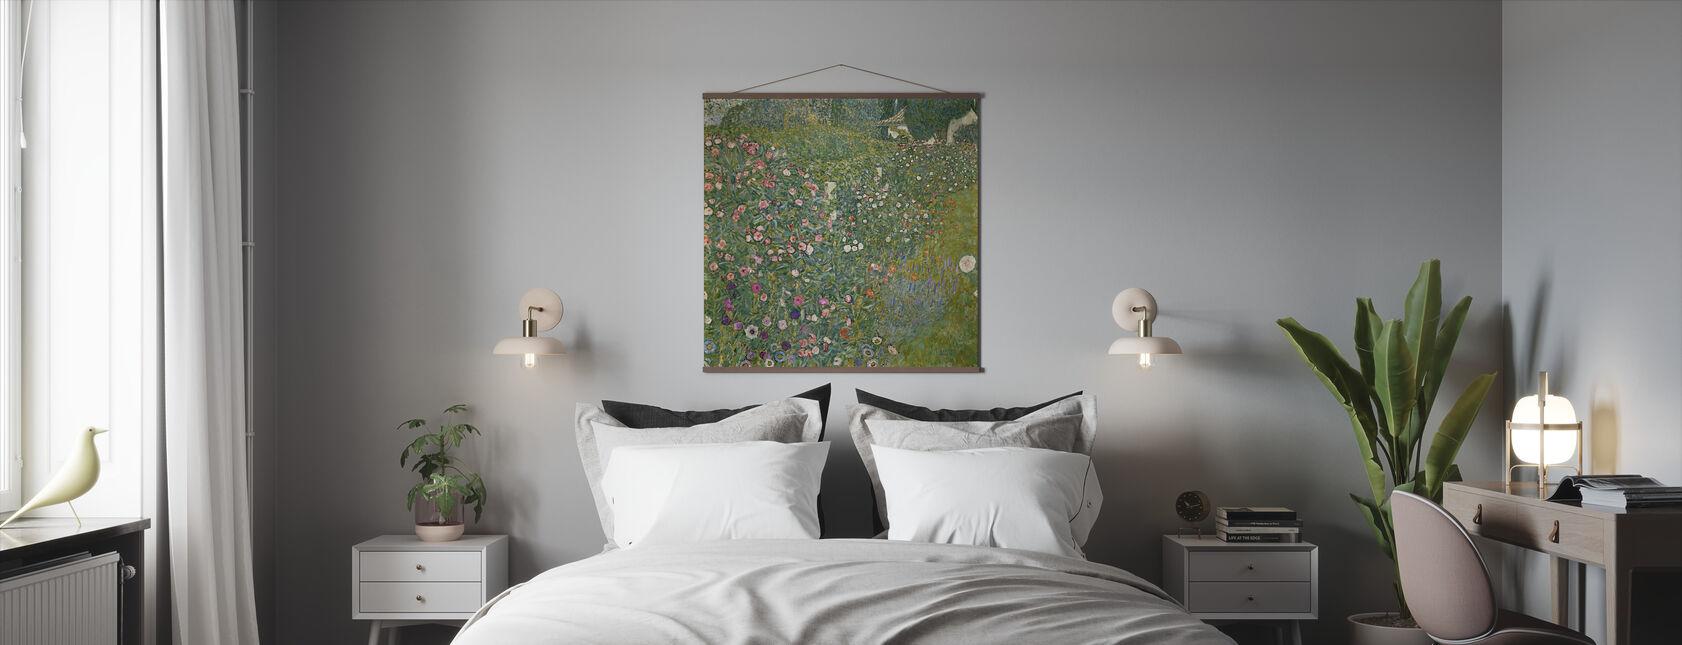 Klimt, Gustav - Italiensk Trädgård Landskap - Poster - Sovrum